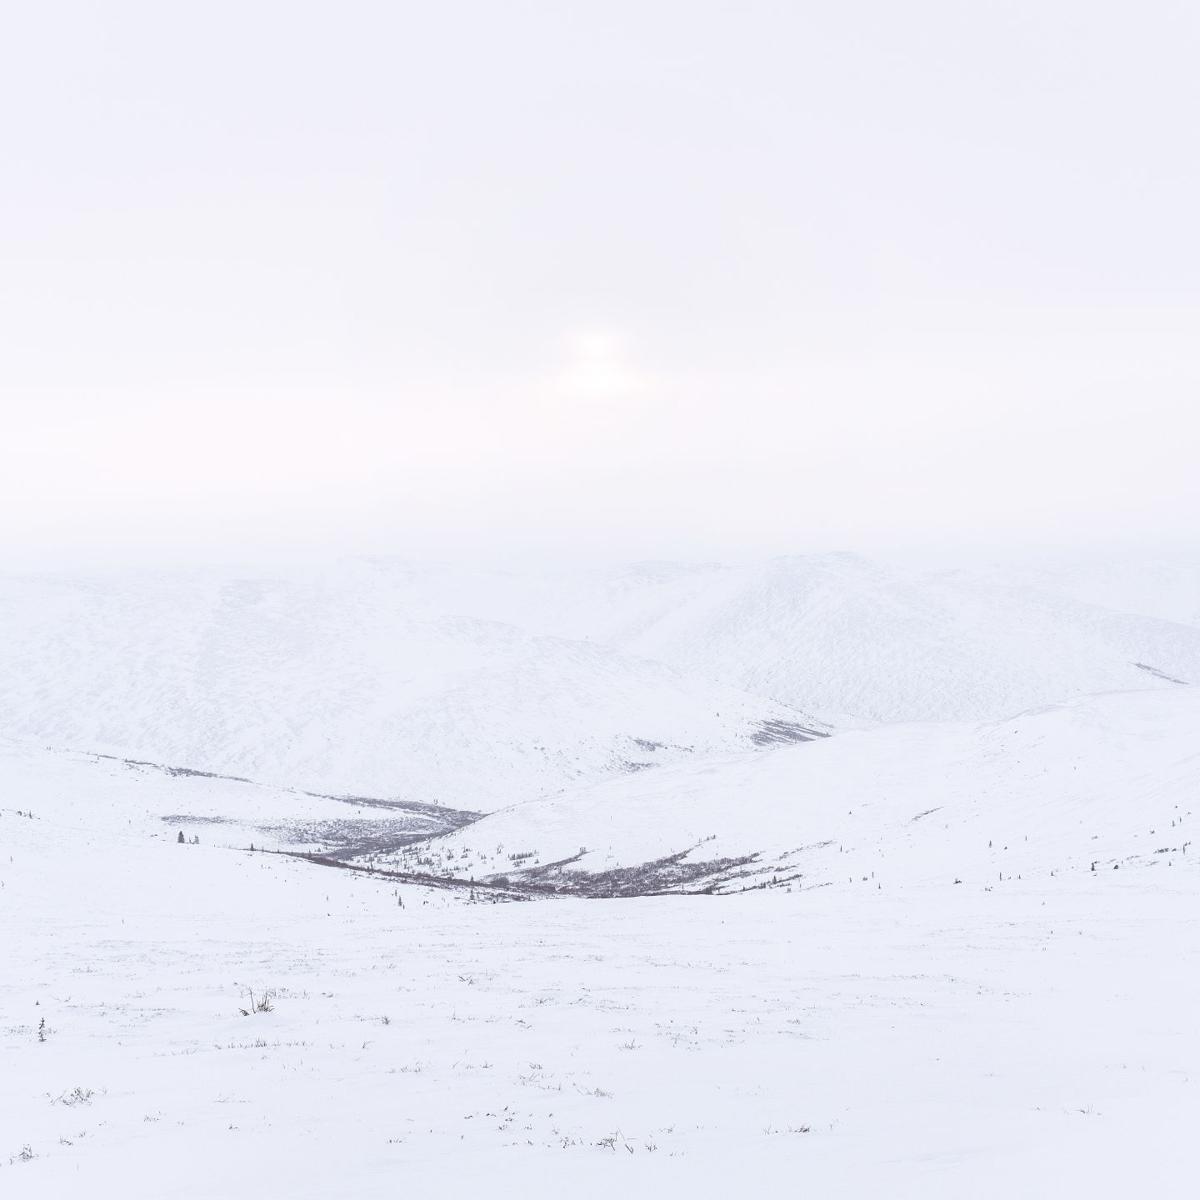 eagle summit full